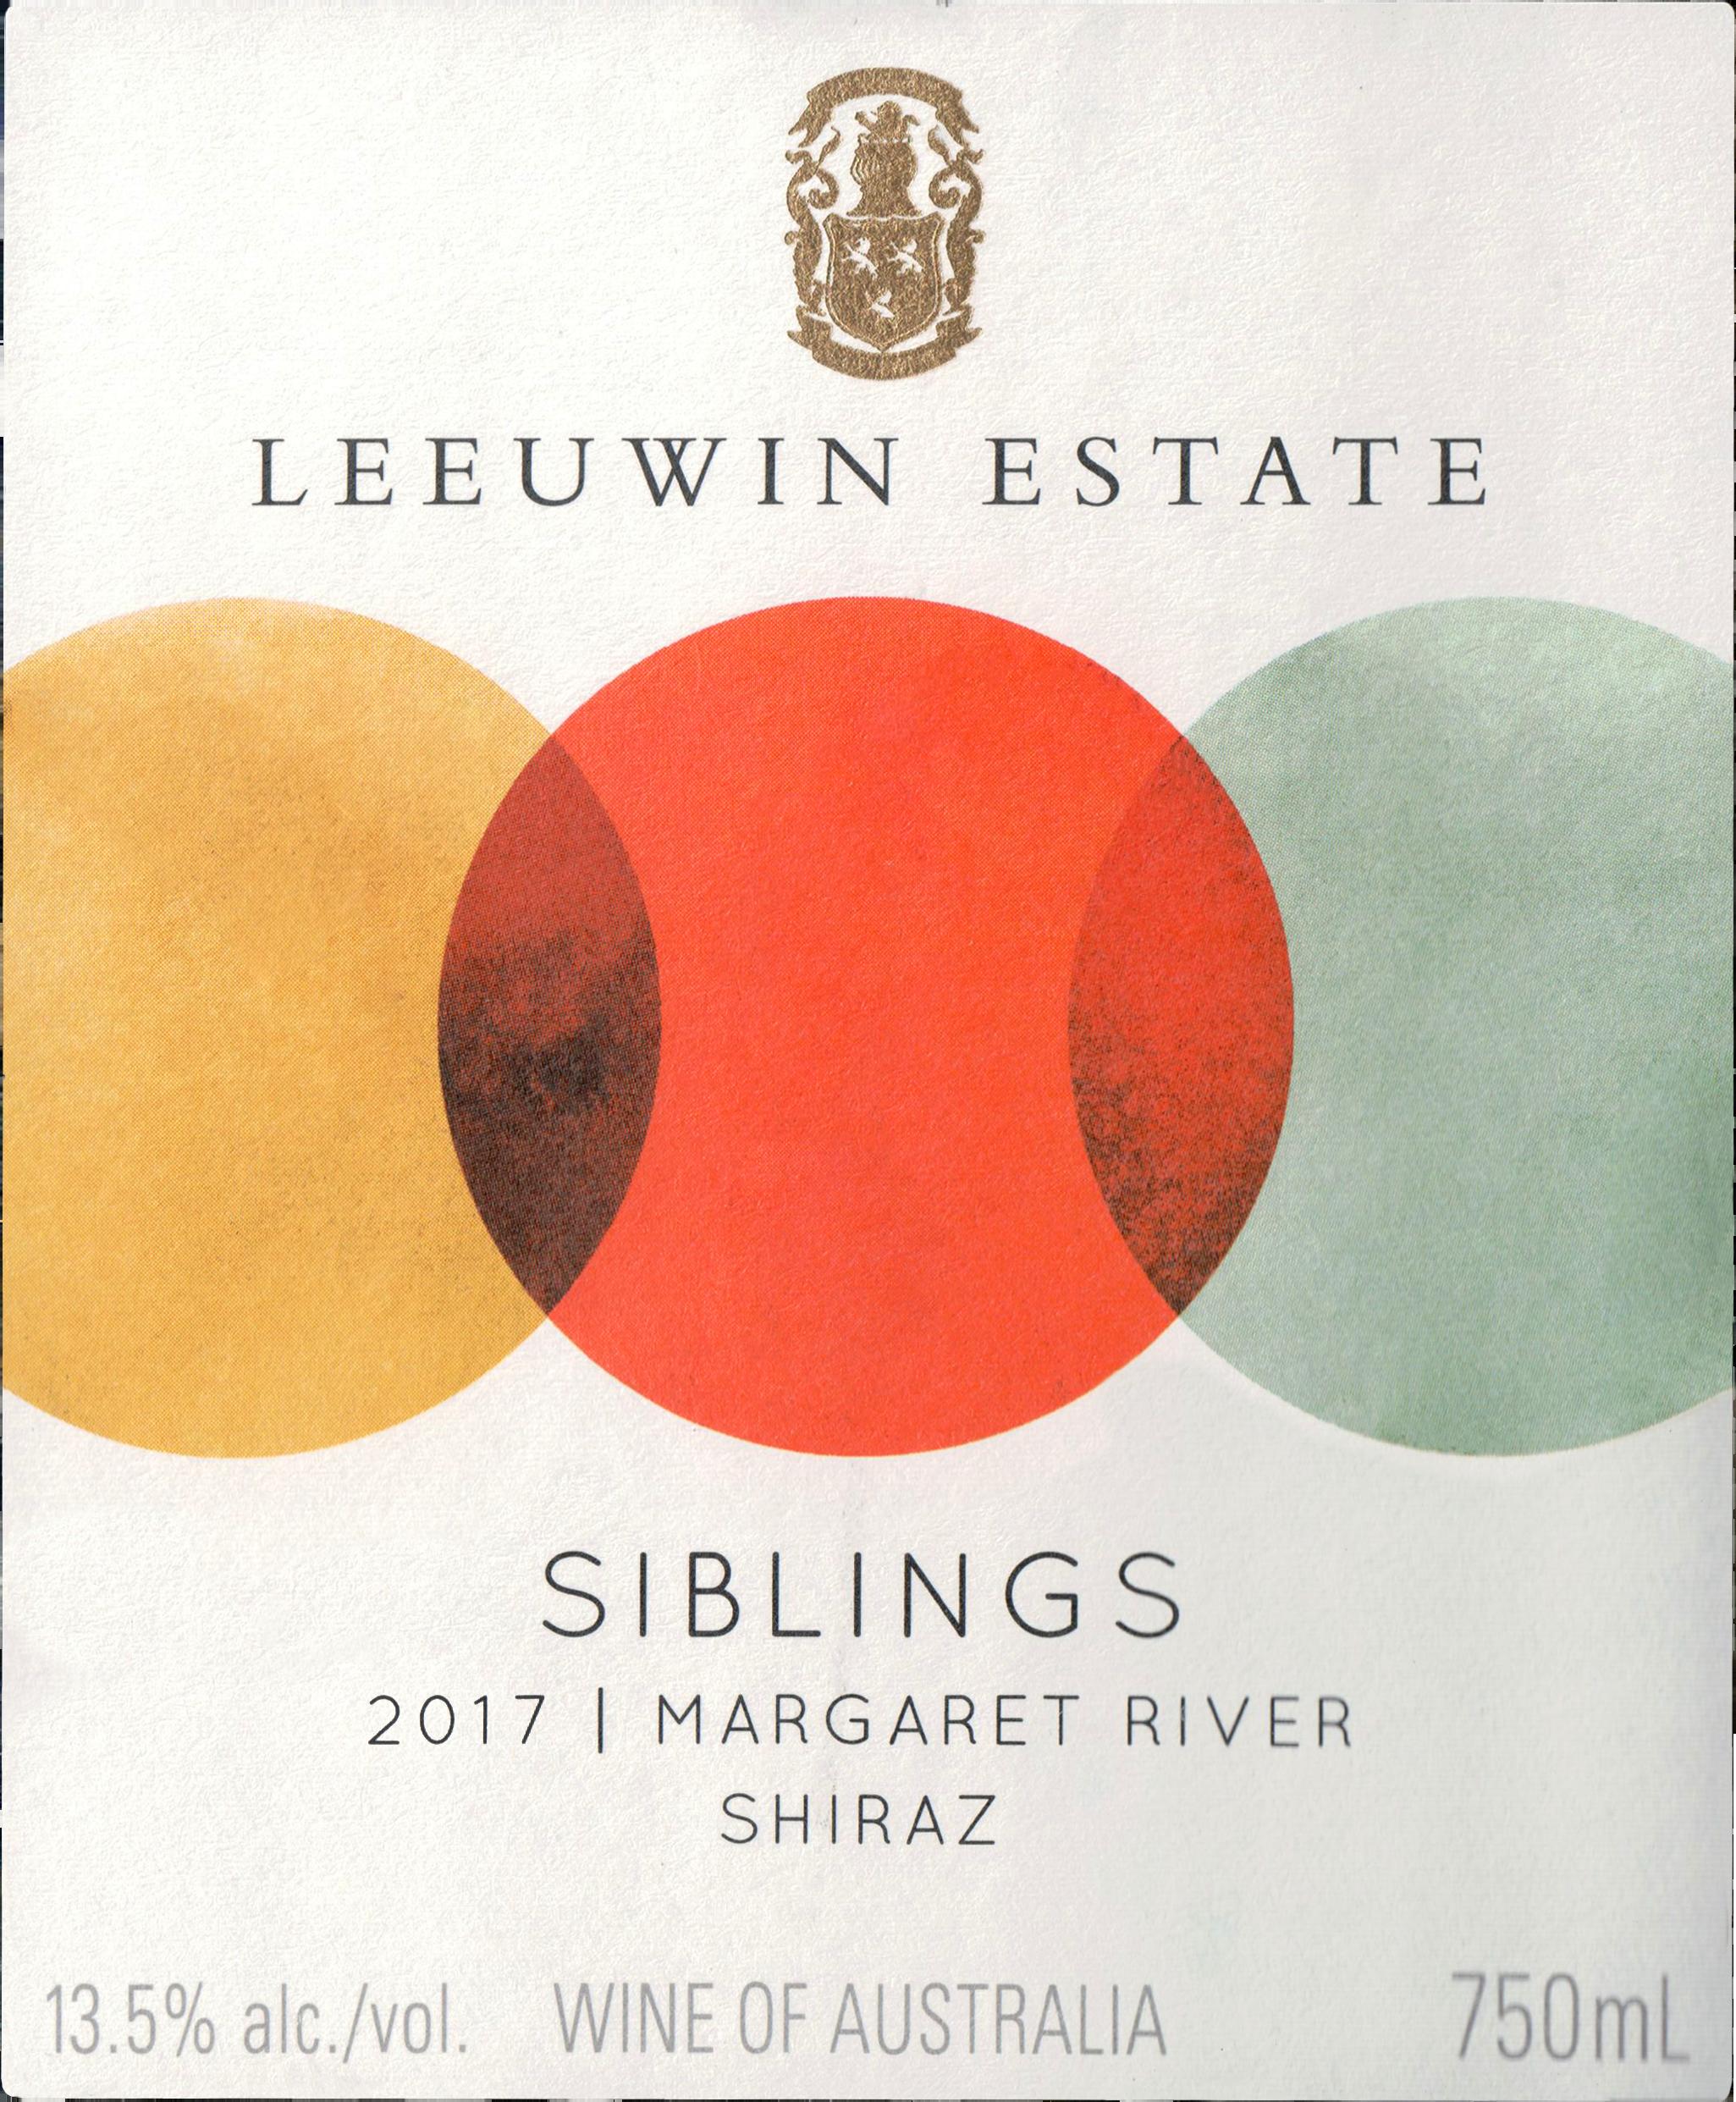 Leeuwin Estate Siblings Shiraz 2017